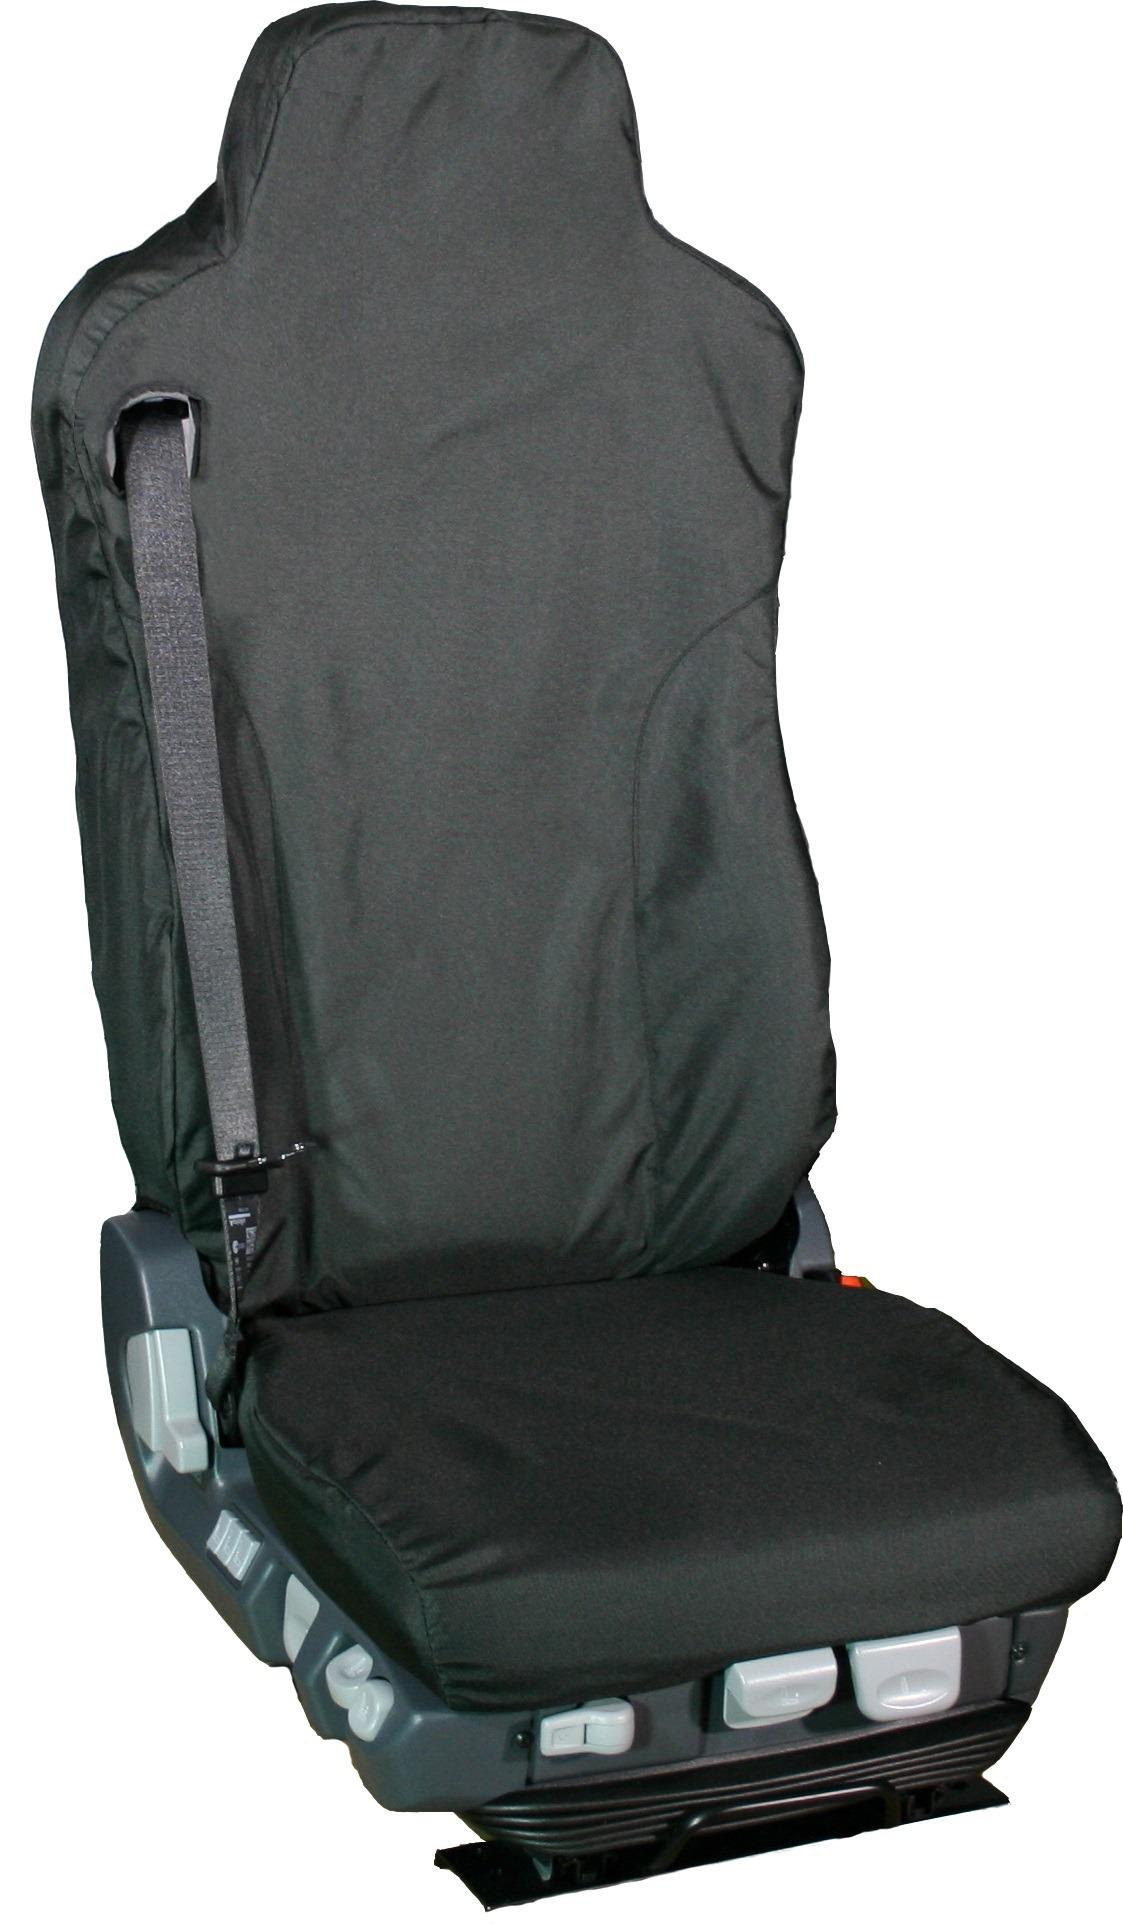 Isringhausen 6860 875 Basic Driver Seat Cover Isri